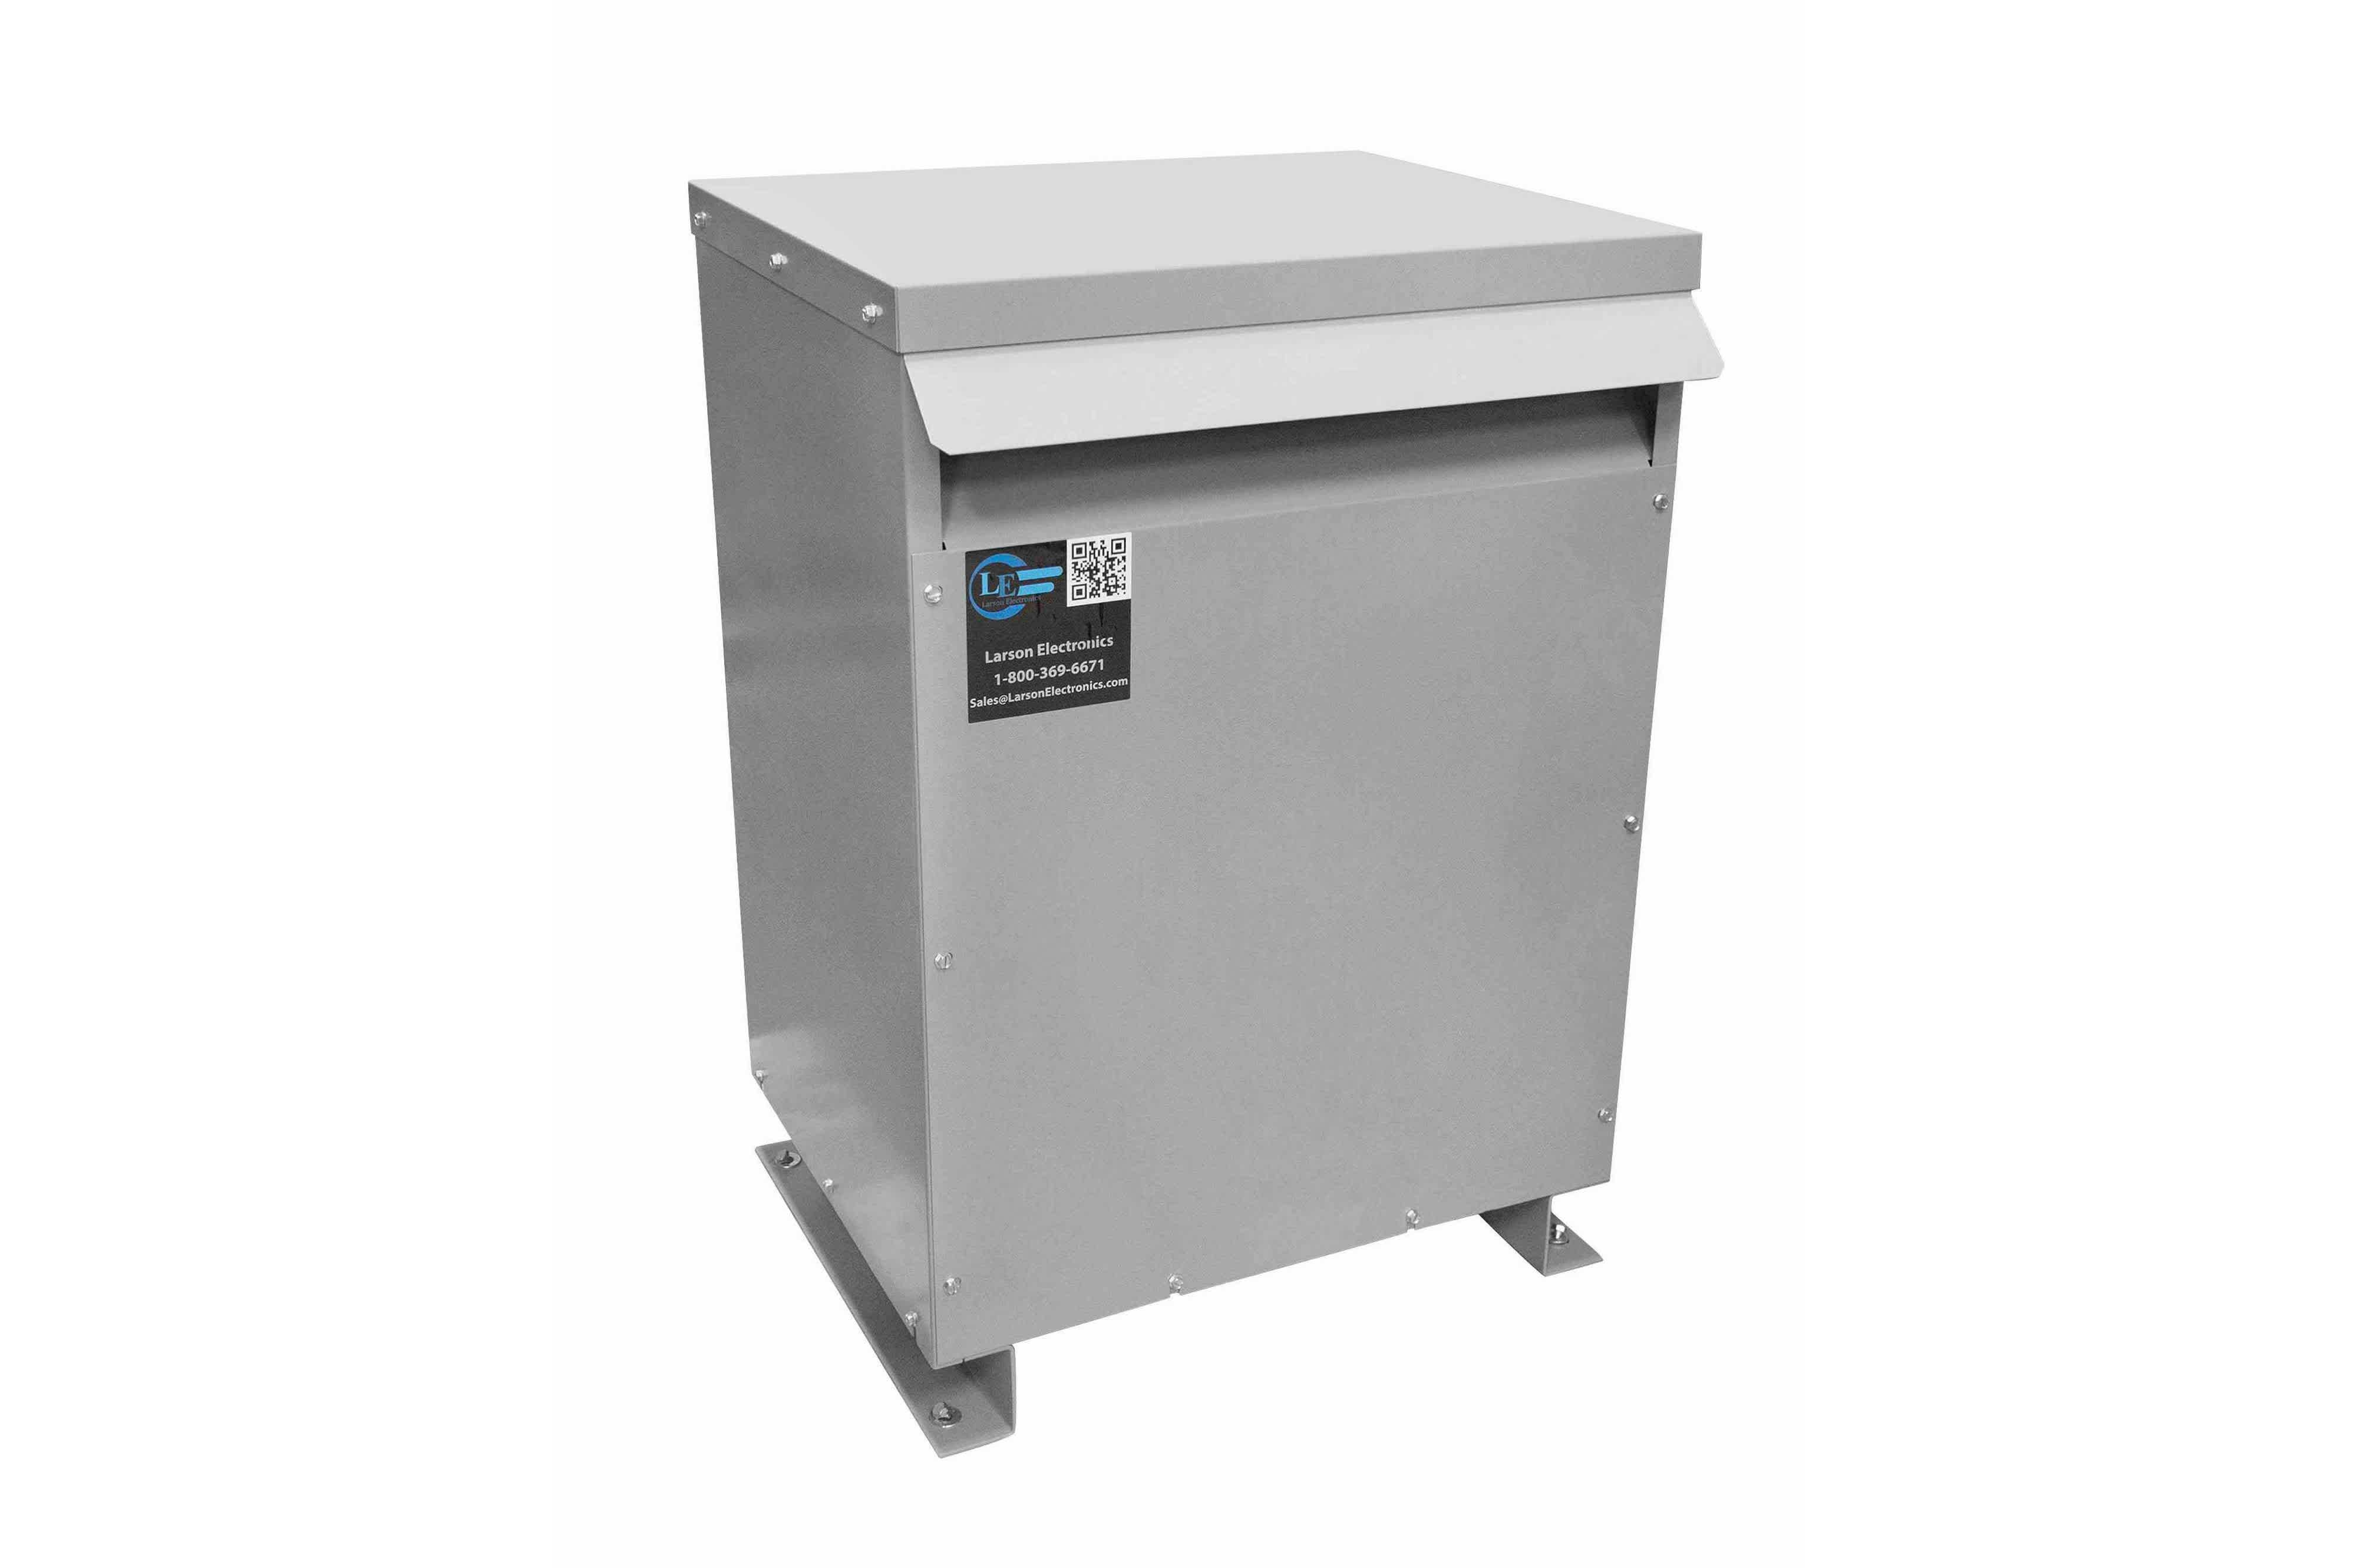 38 kVA 3PH Isolation Transformer, 415V Delta Primary, 208V Delta Secondary, N3R, Ventilated, 60 Hz